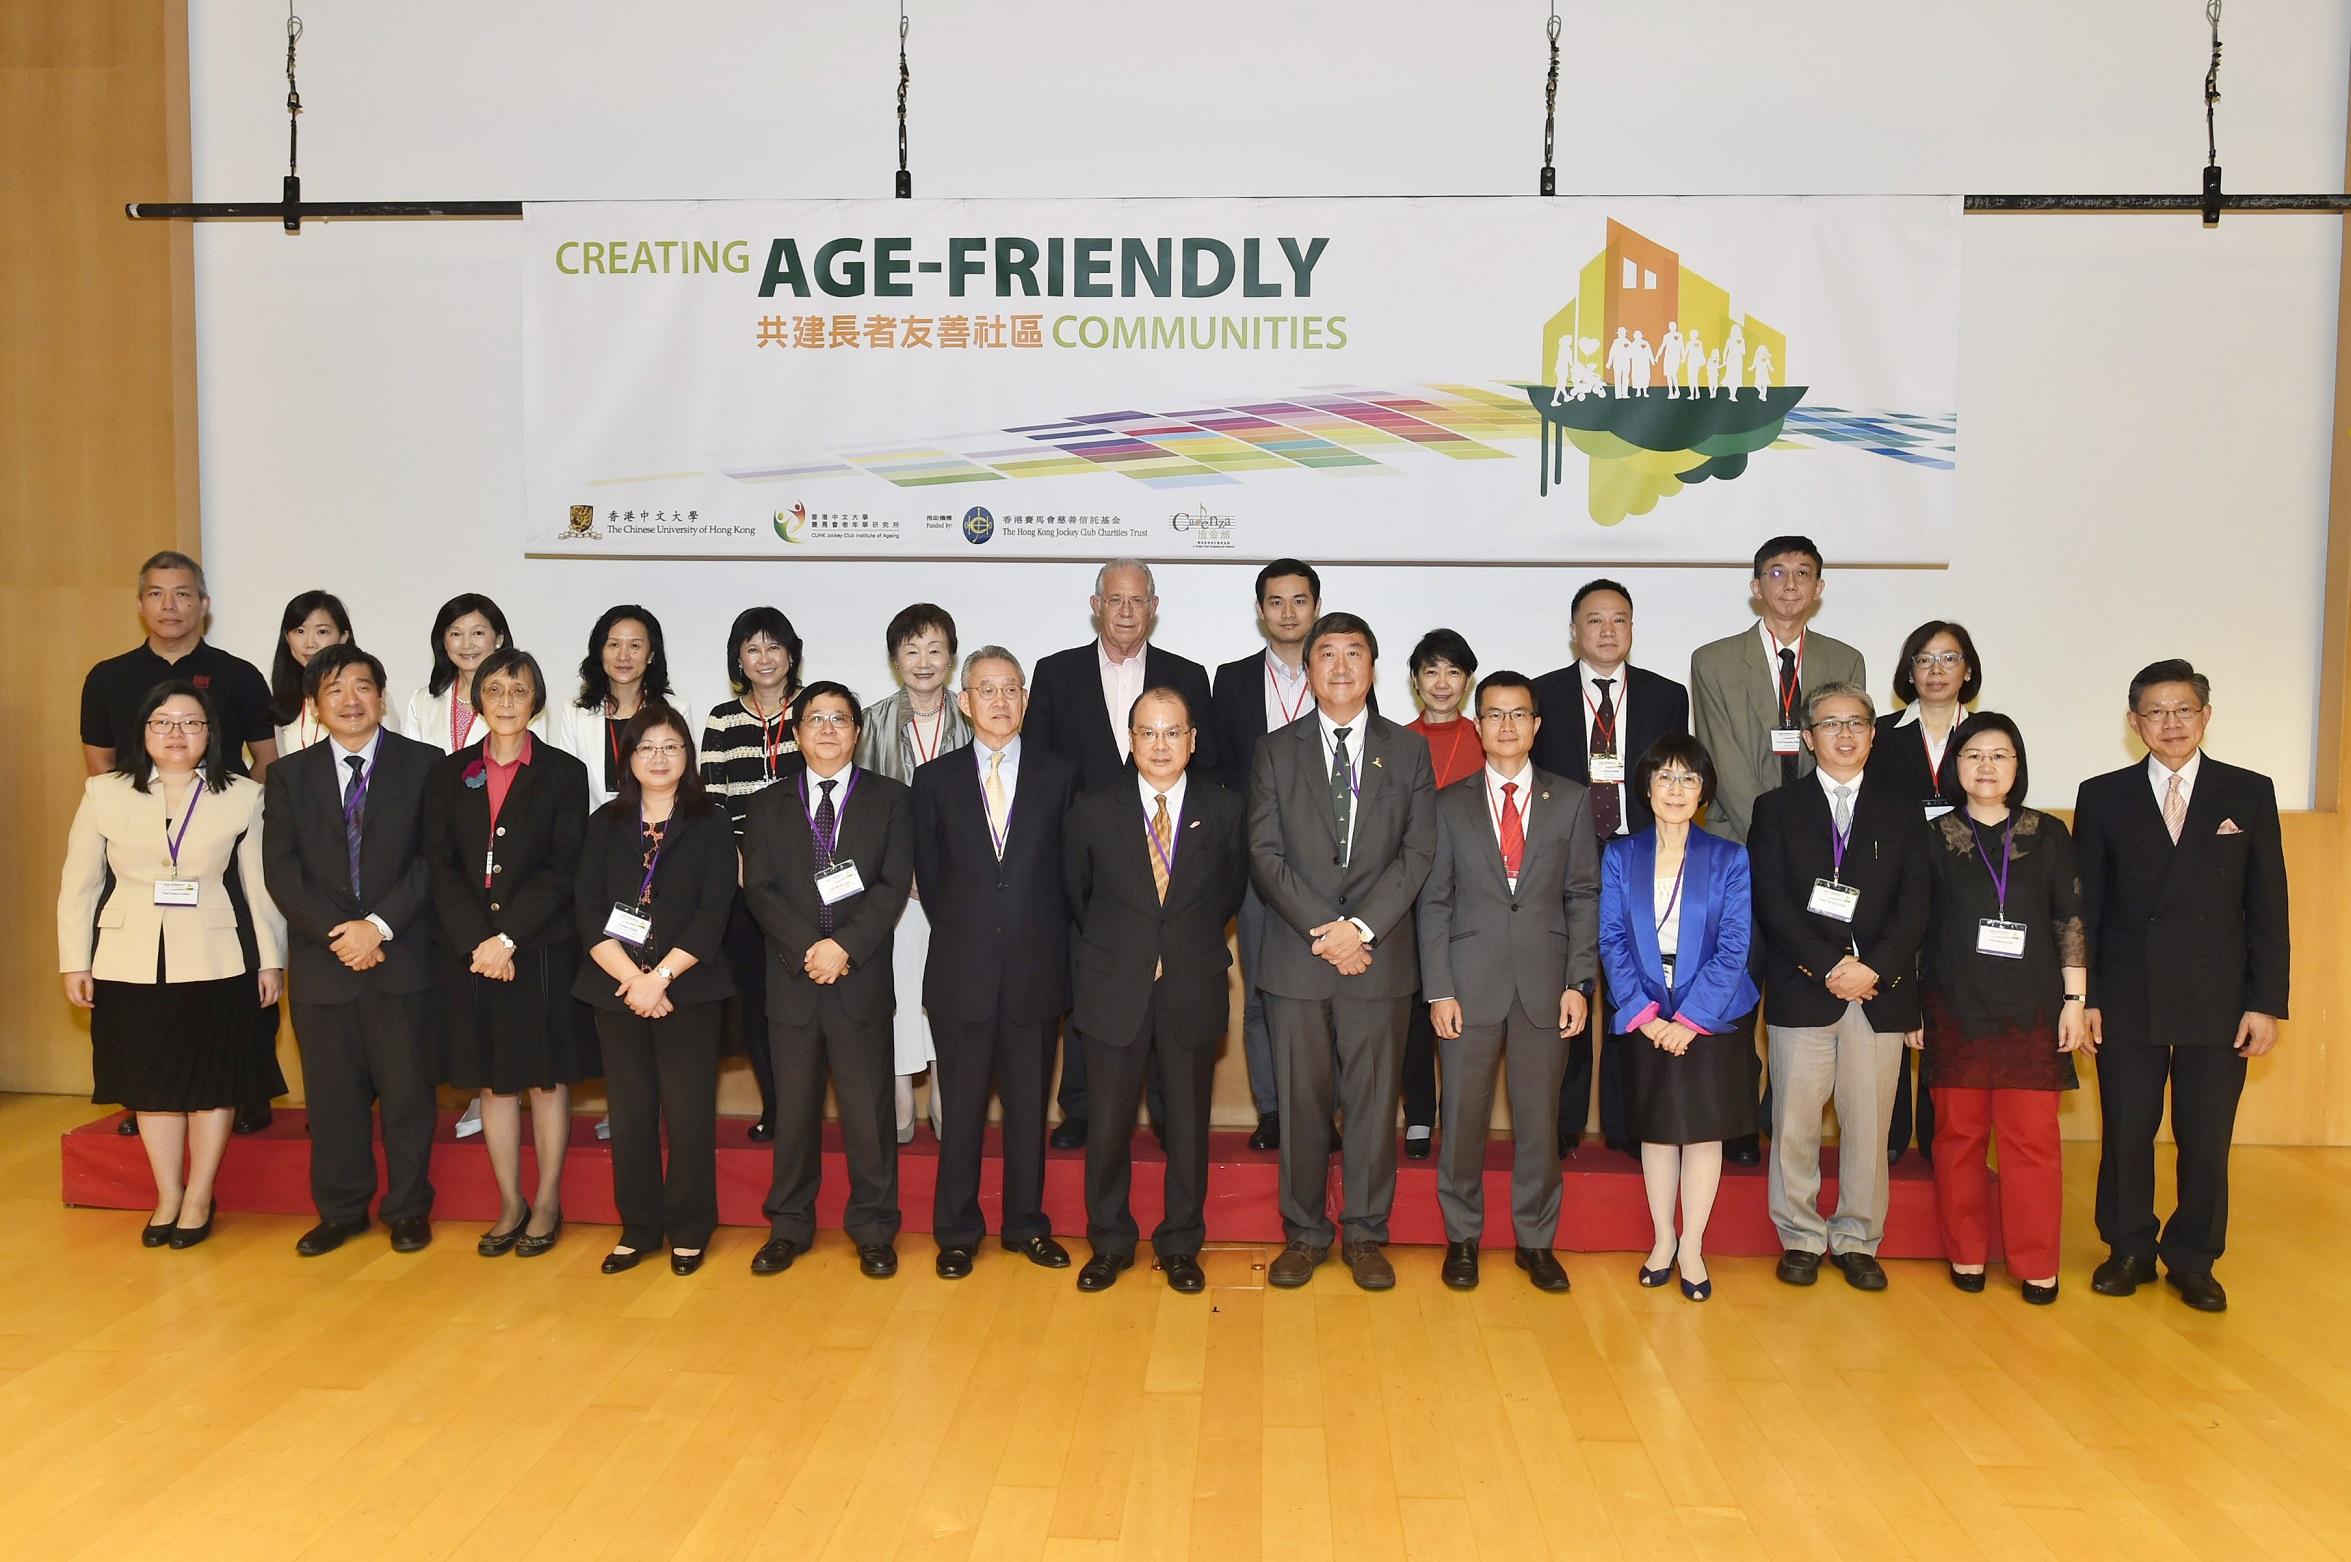 出席開幕研討會的一眾嘉賓合照。